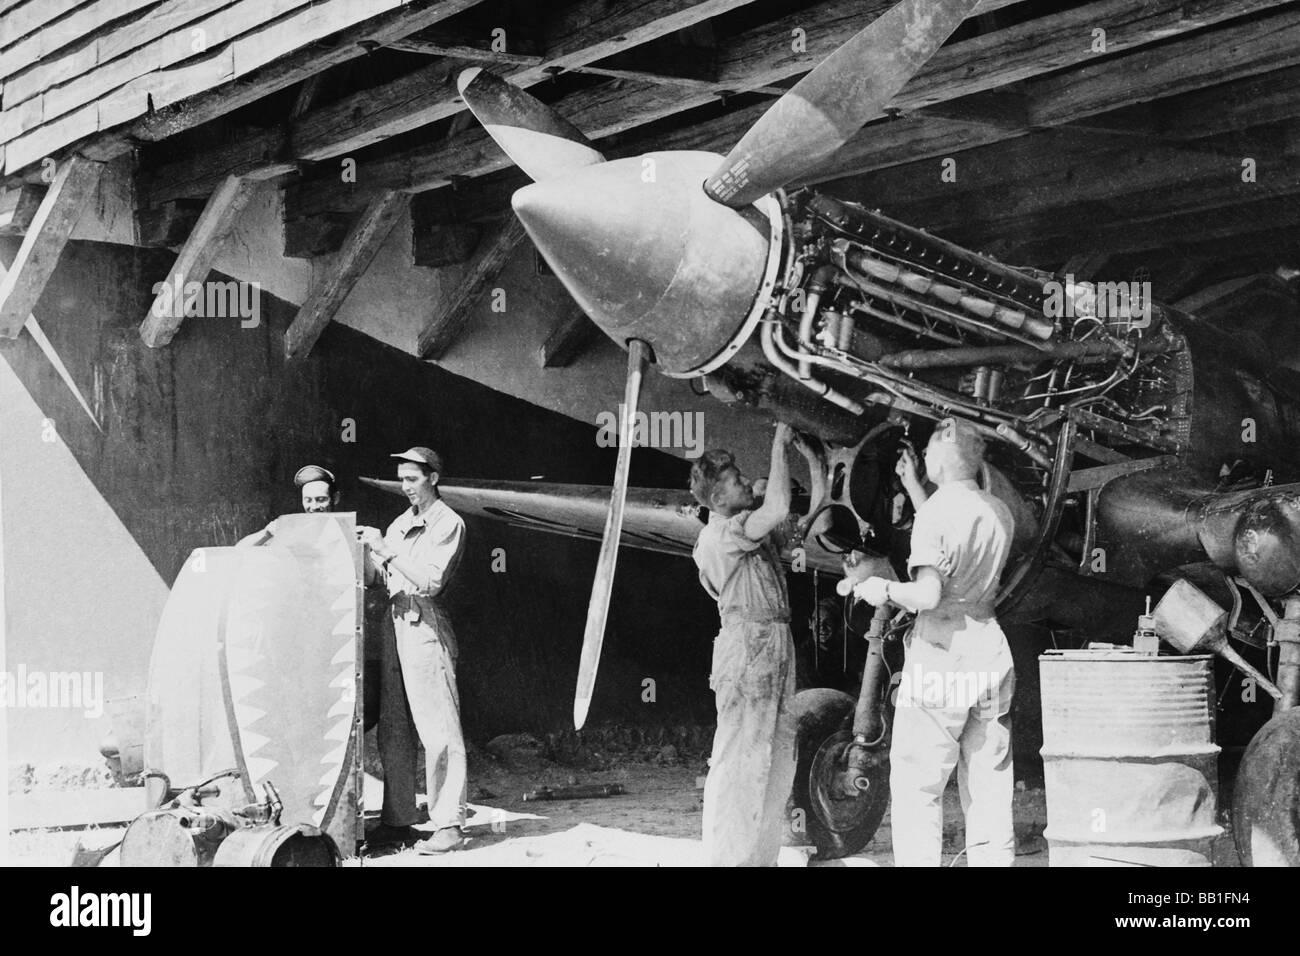 Gli equipaggi di terra di American Air Forces mantenere i motori sintonizzato per il Flying Tigers. Immagini Stock